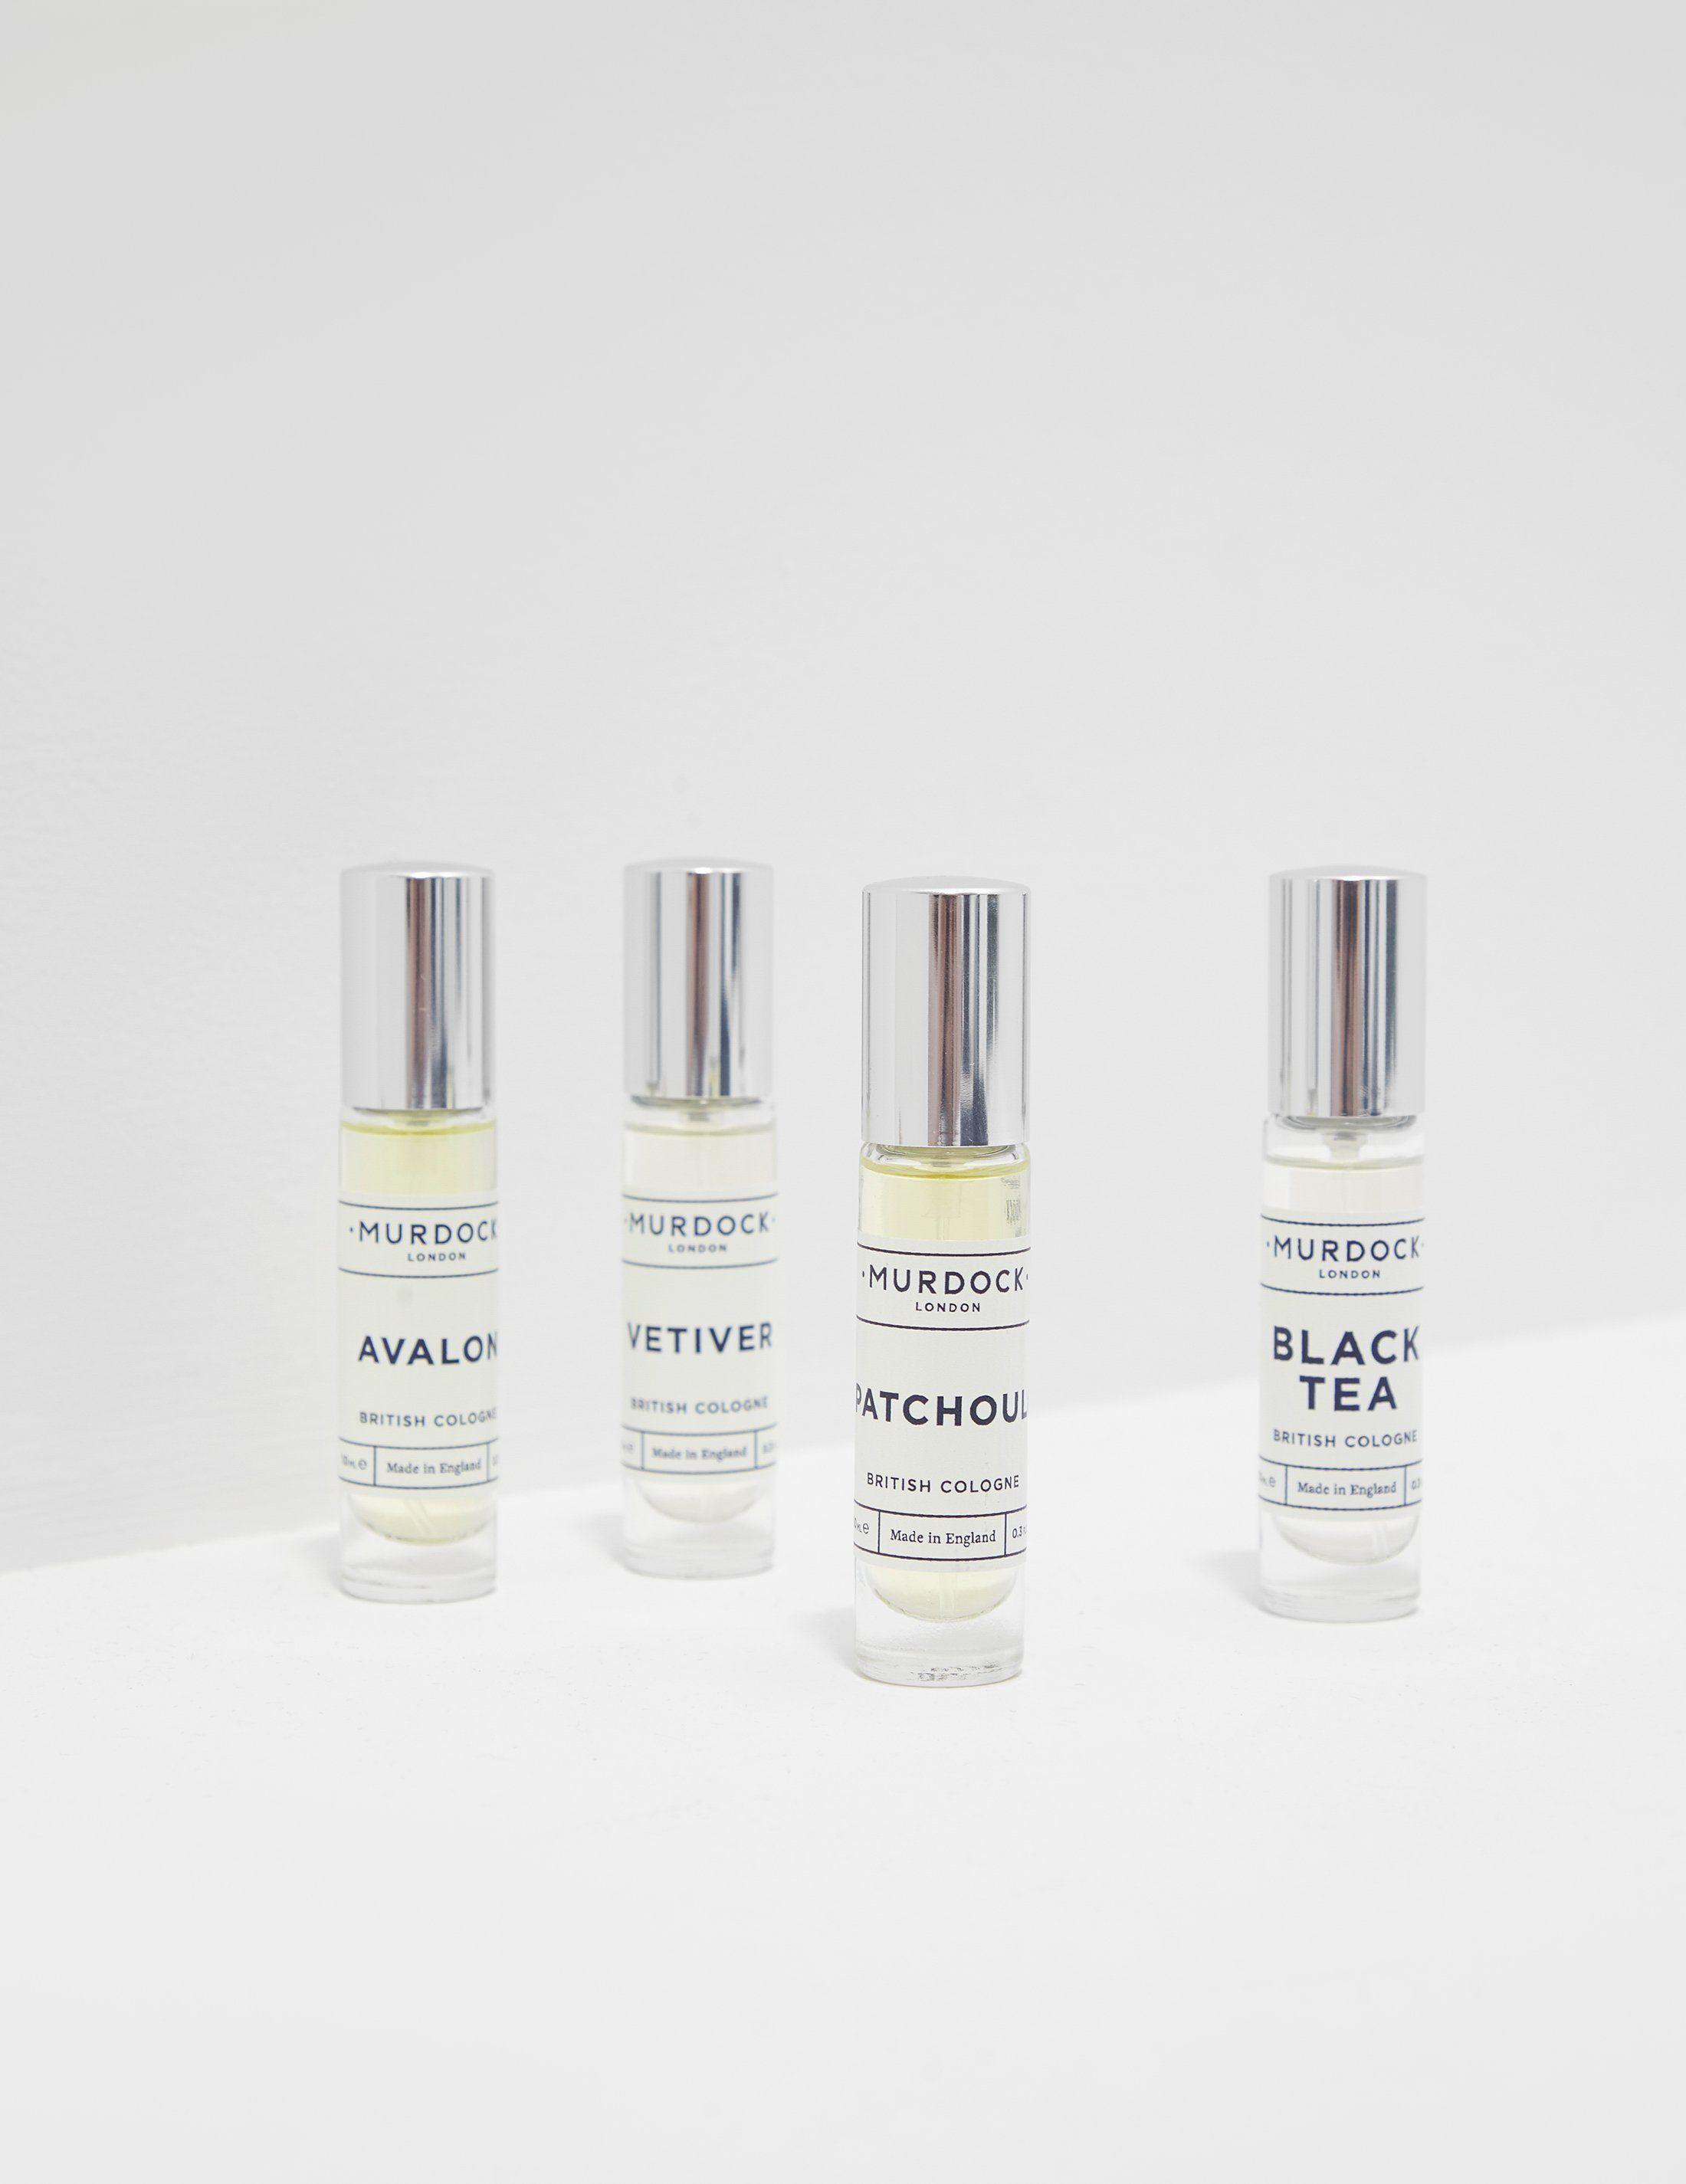 Murdock London 4 Fragrance Set 10ml